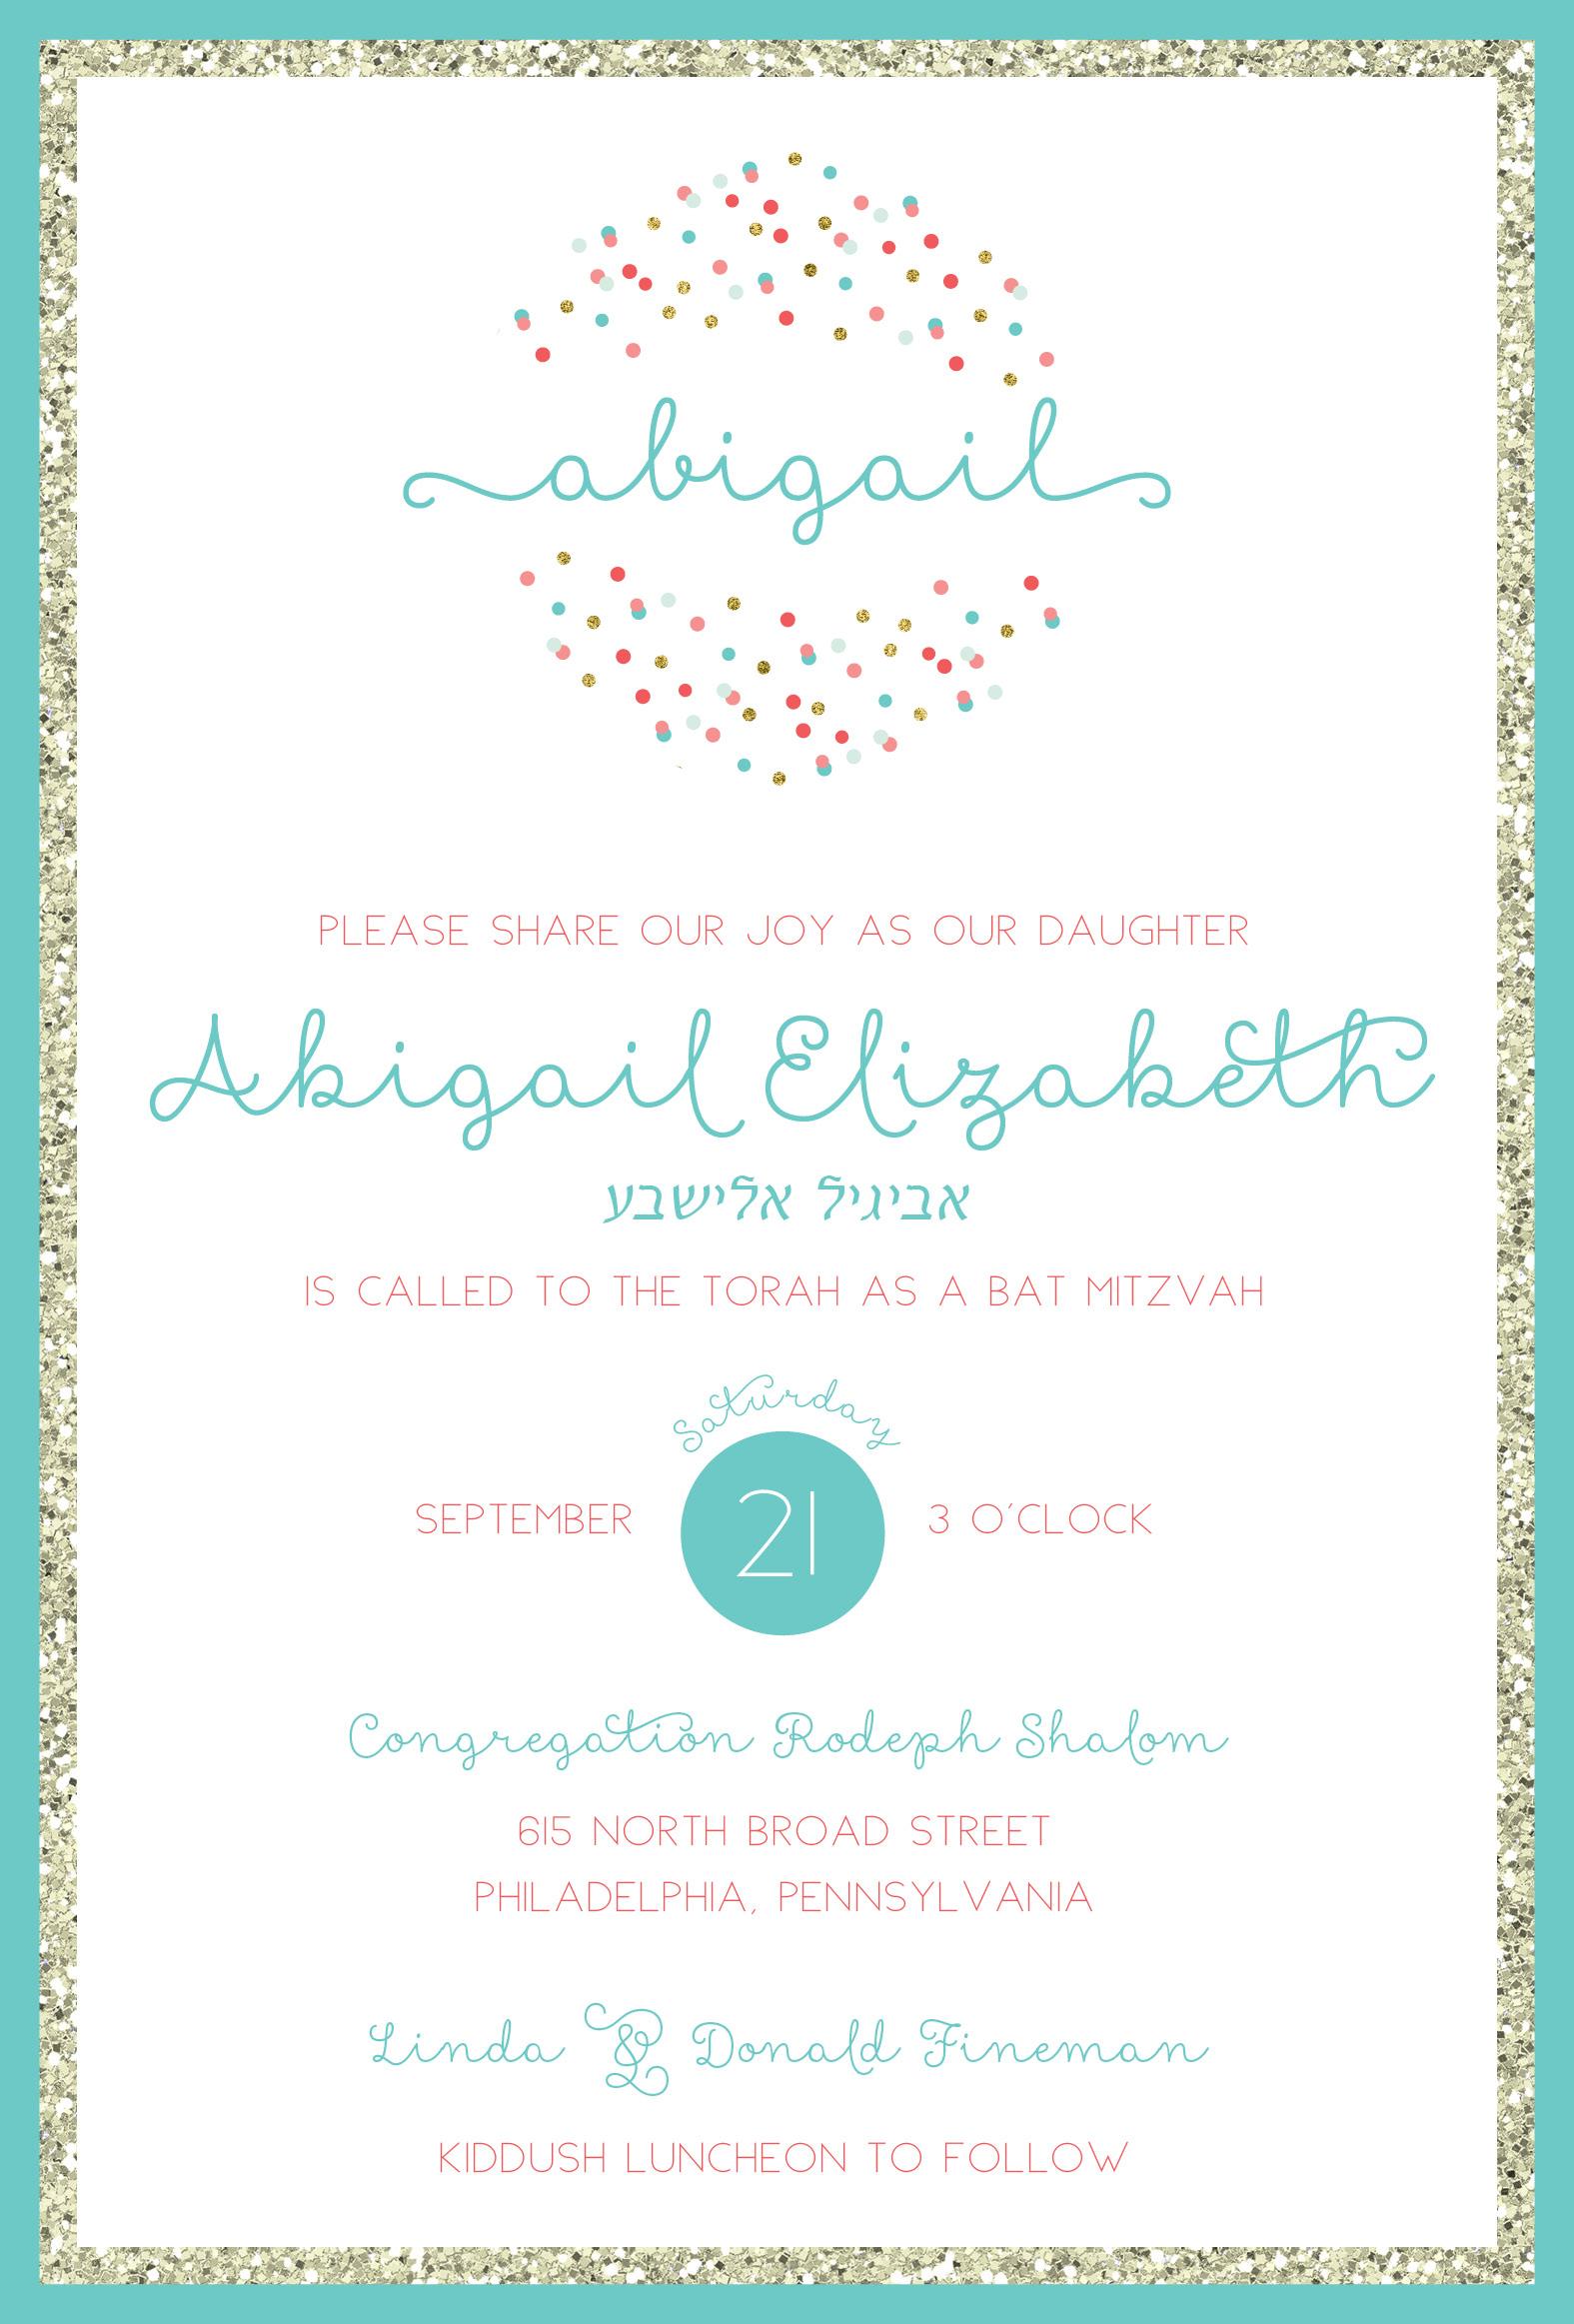 KDSM8200LIN Abigail